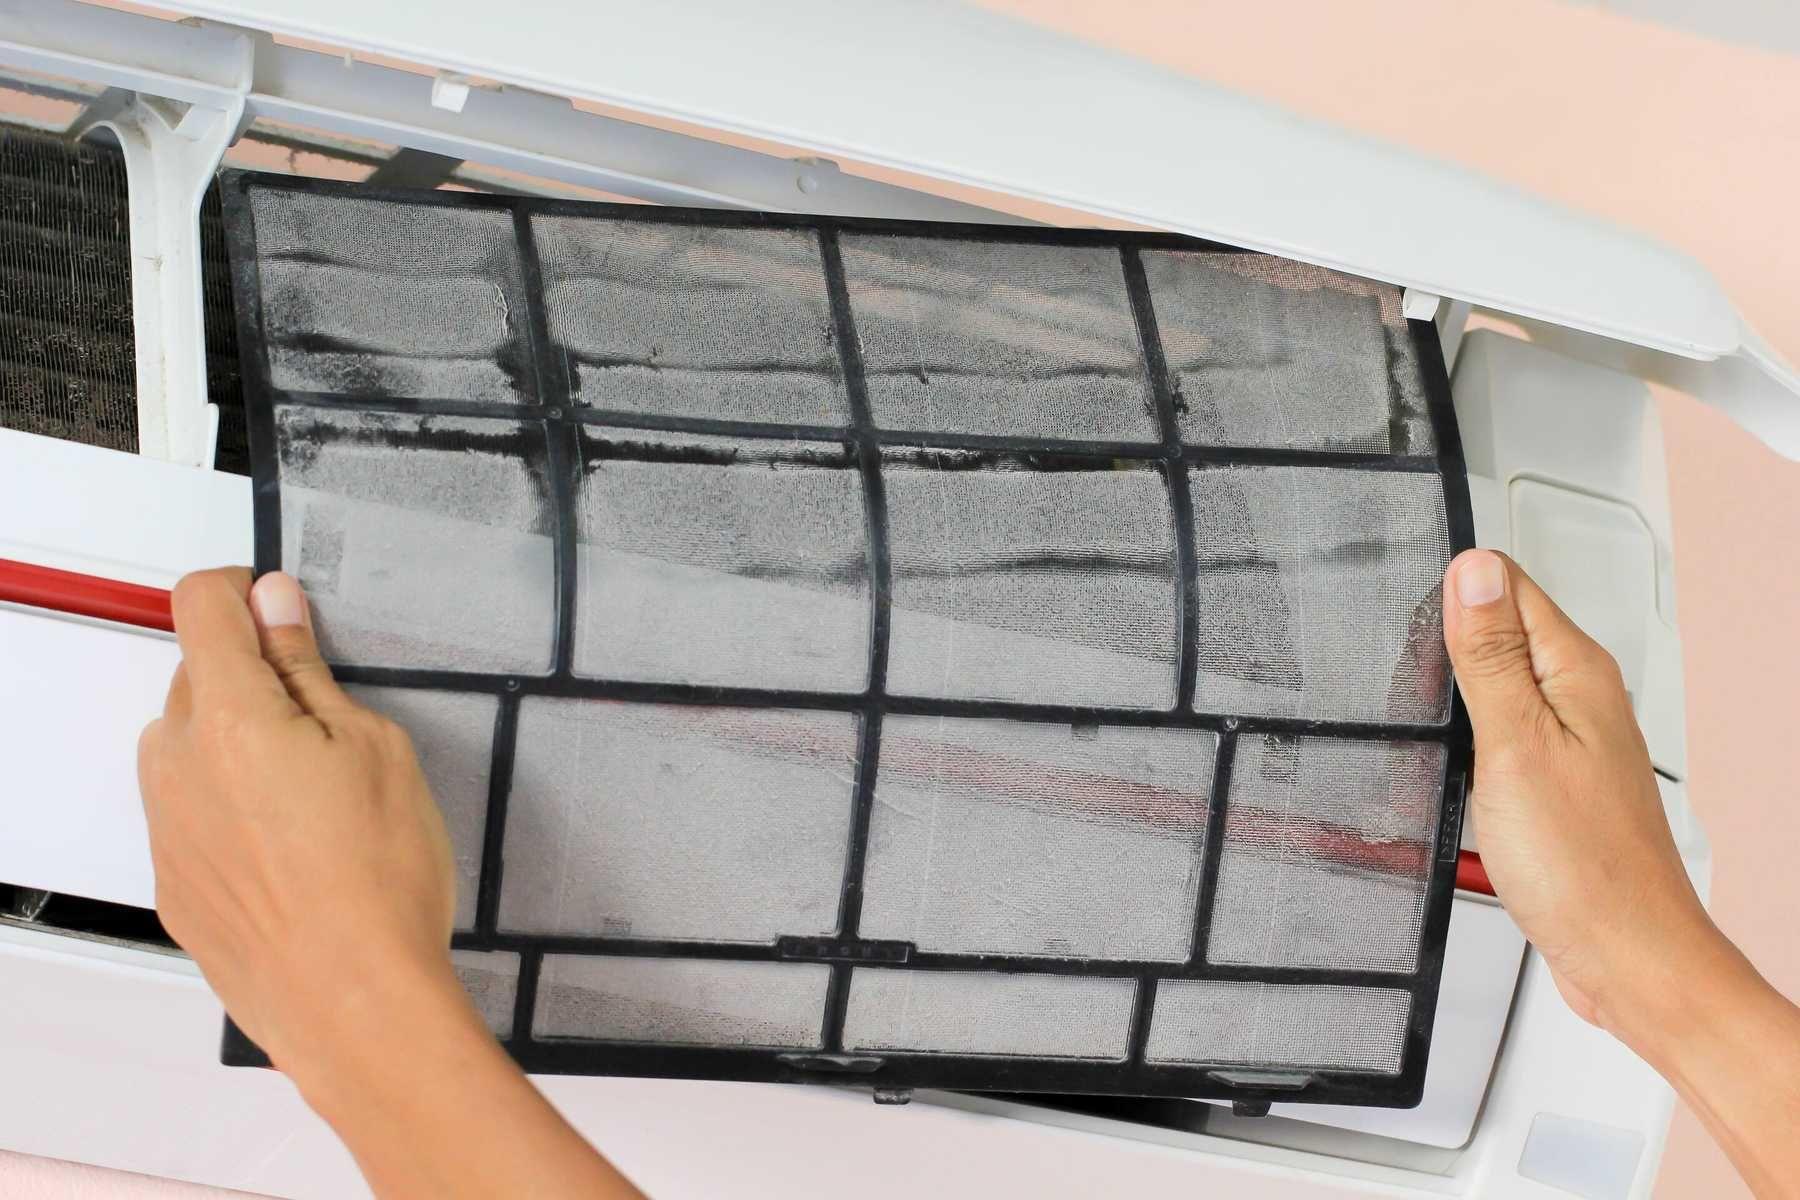 Cách tháo máy lạnh, điều hòa để vệ sinh lưới lọc